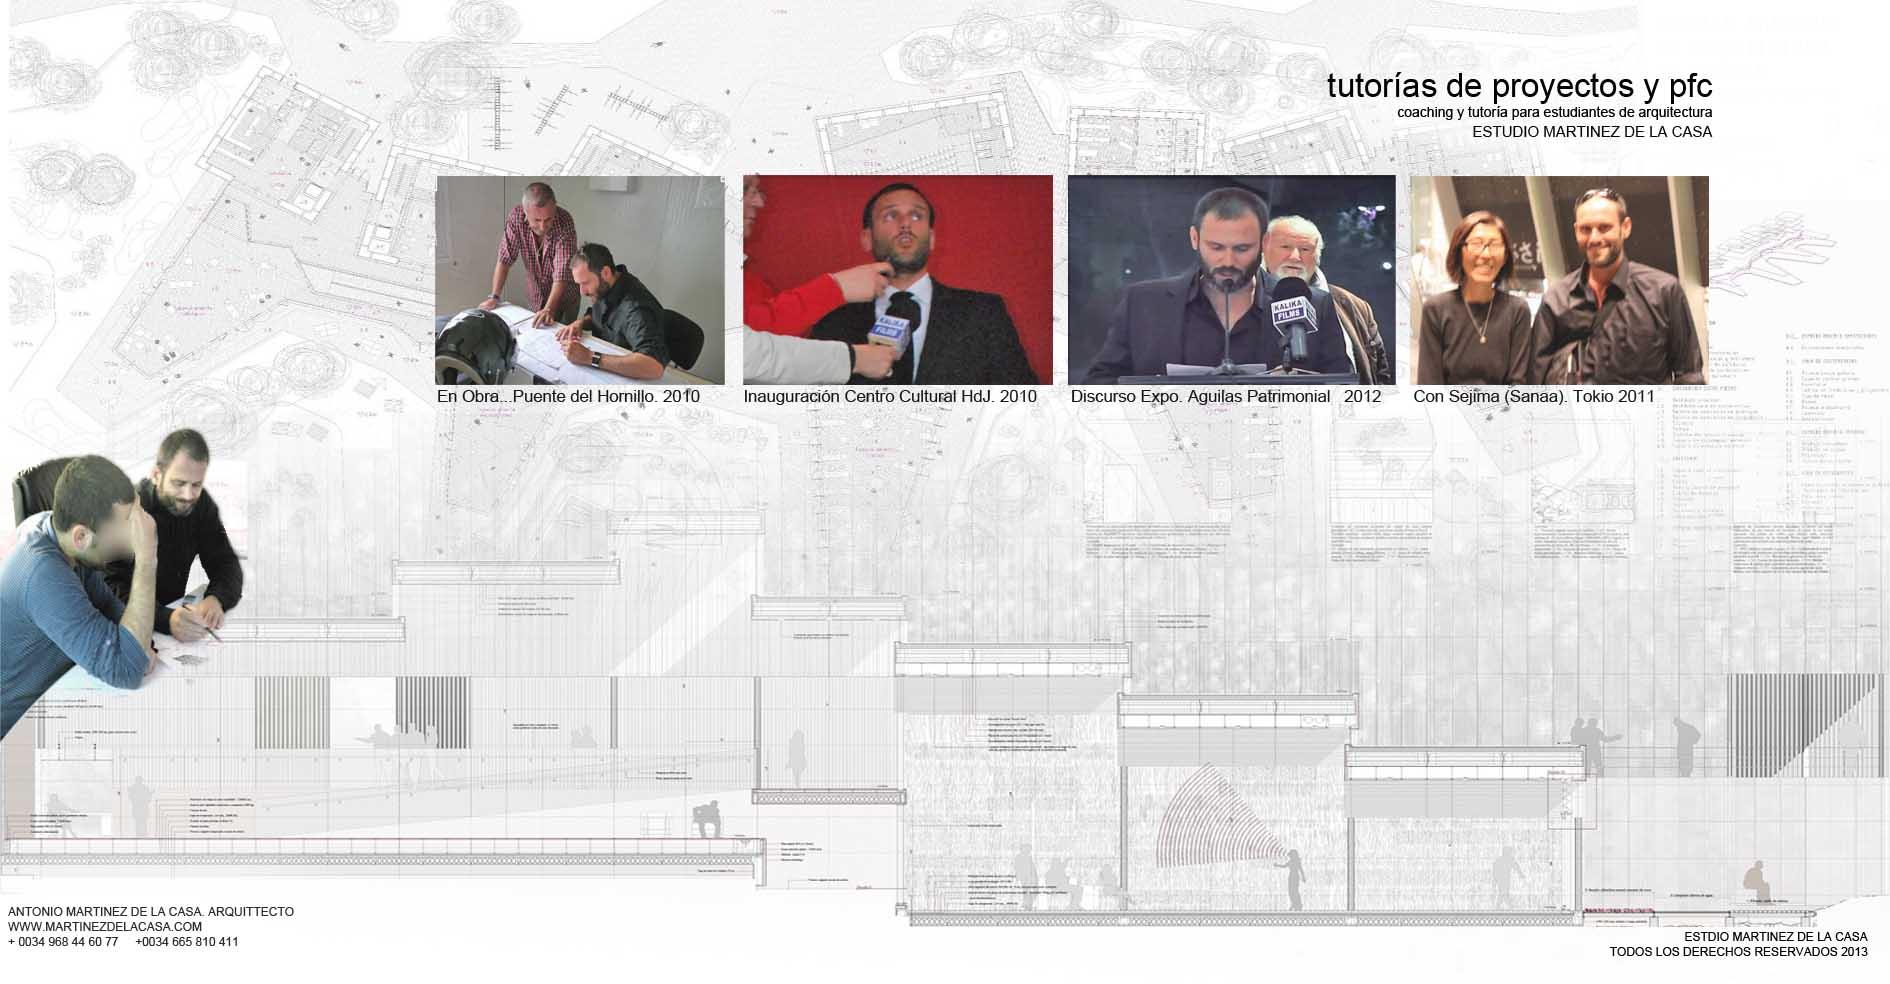 Tutor as de proyectos y pfc arquitectura Asignaturas de la carrera de arquitectura